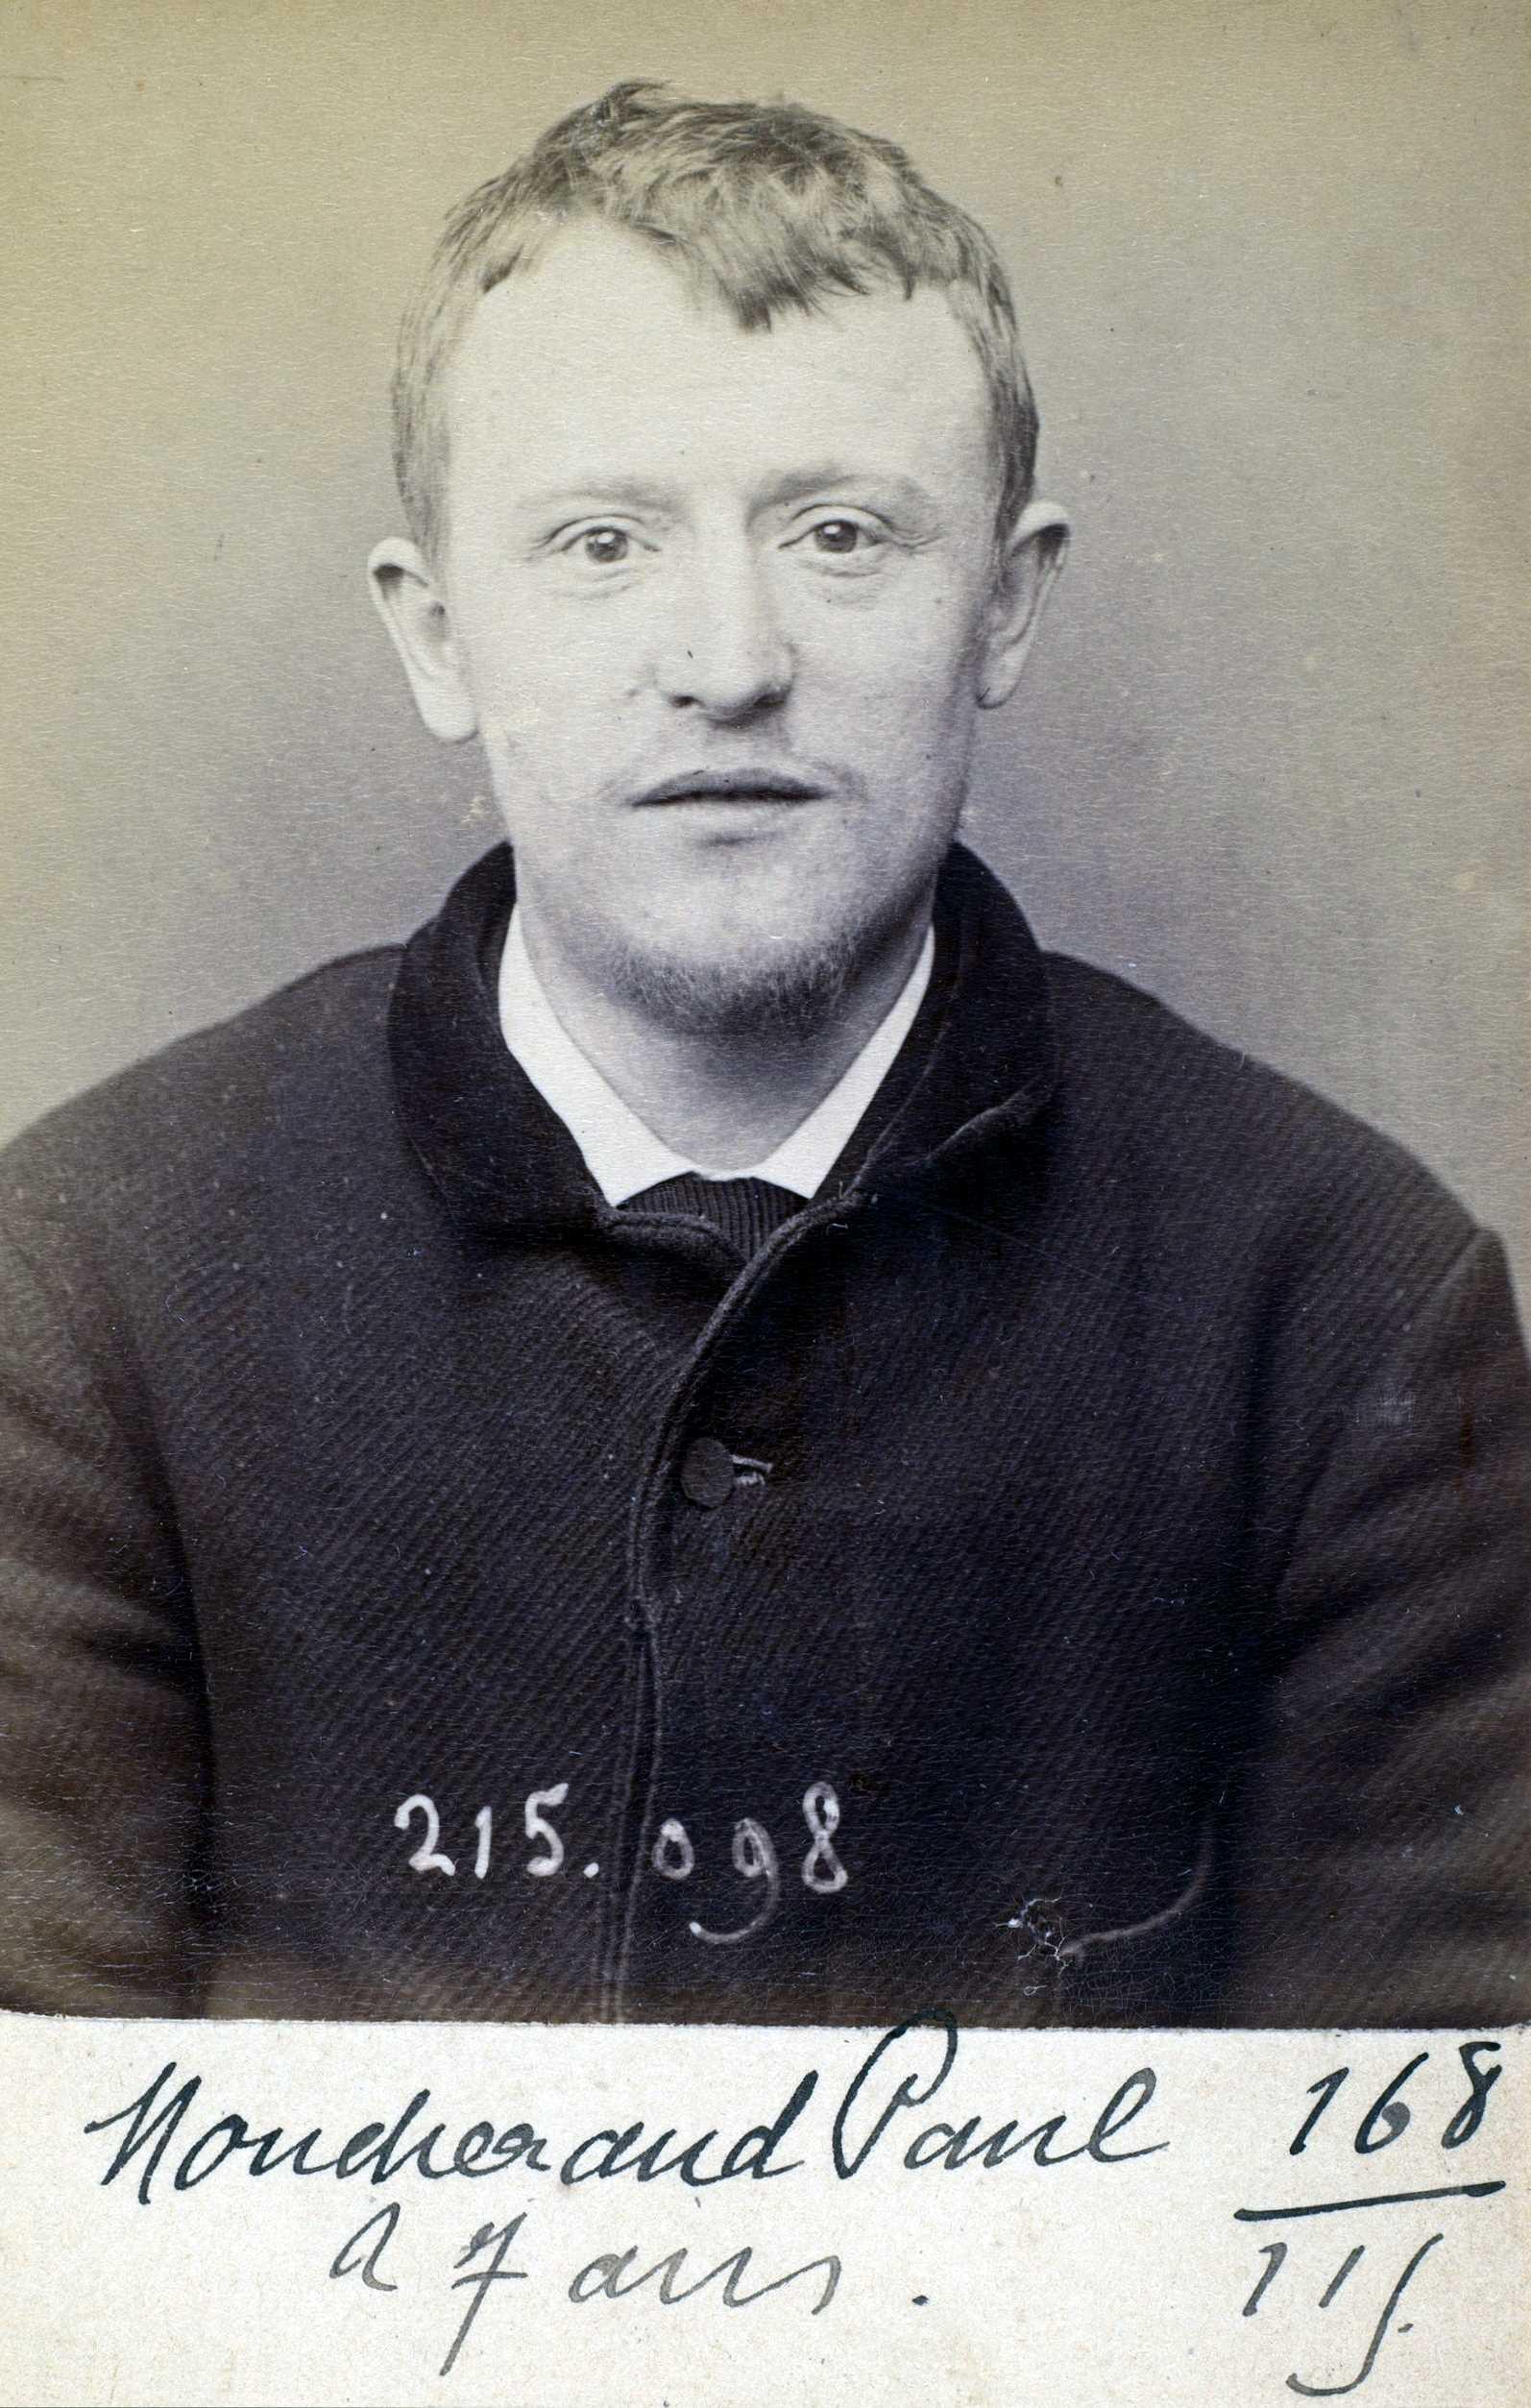 Foto policíaca de Paul Moucheraud (4 de març de 1894)